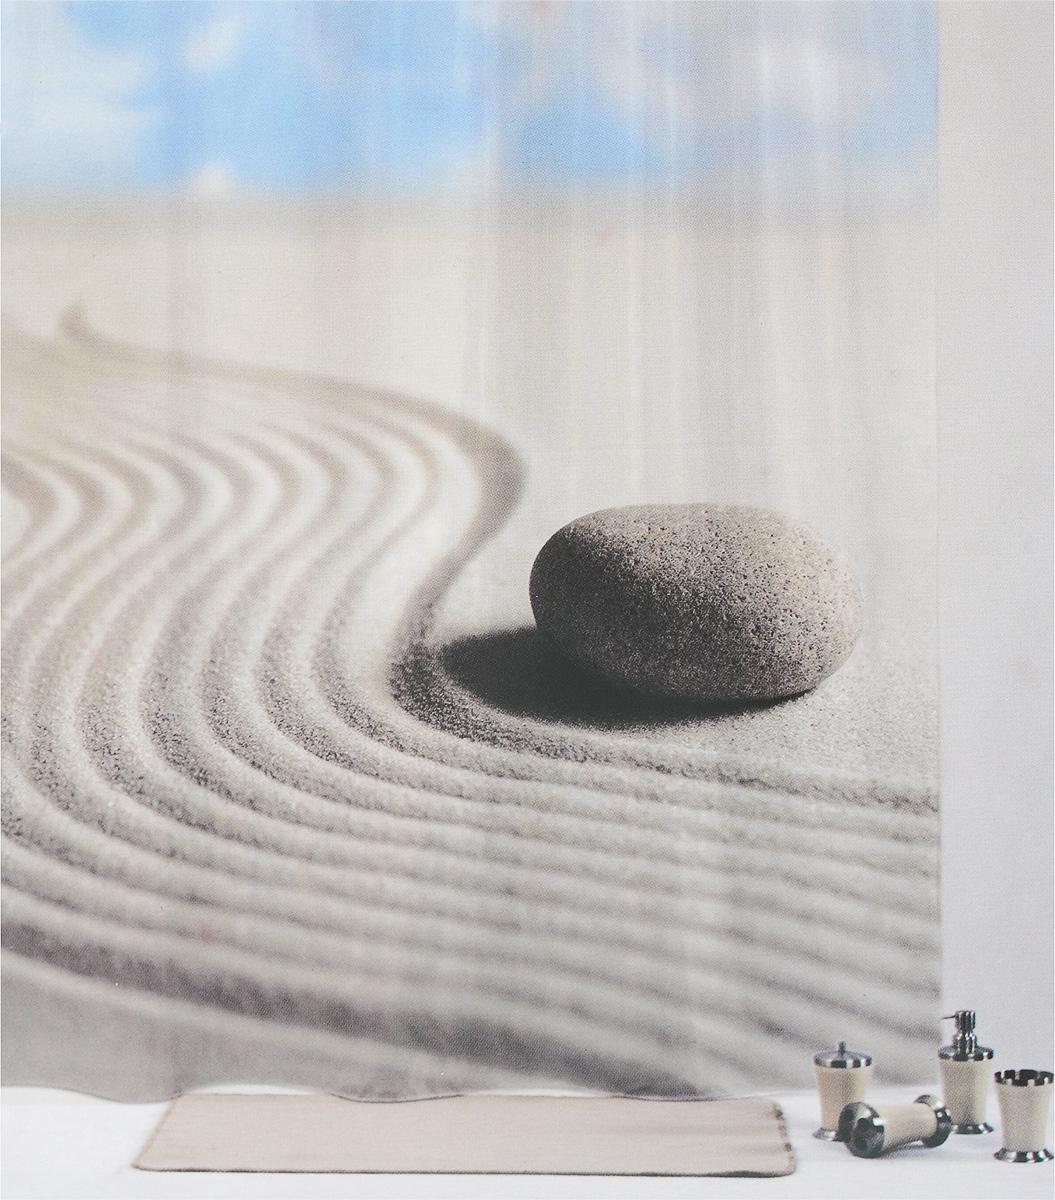 Штора для ванной комнаты Aqva Line Лунный камень, 180 х 180 смCLP446Штора Aqva Line Лунный камень, изготовленная из 100% полиэстера, отлично дополнит любой интерьер ванной комнаты. При изготовлении используются специальные гипоаллергенные чернила для прямой печати по ткани, безопасные для человека.В комплекте: 1 штора, 12 крючков.